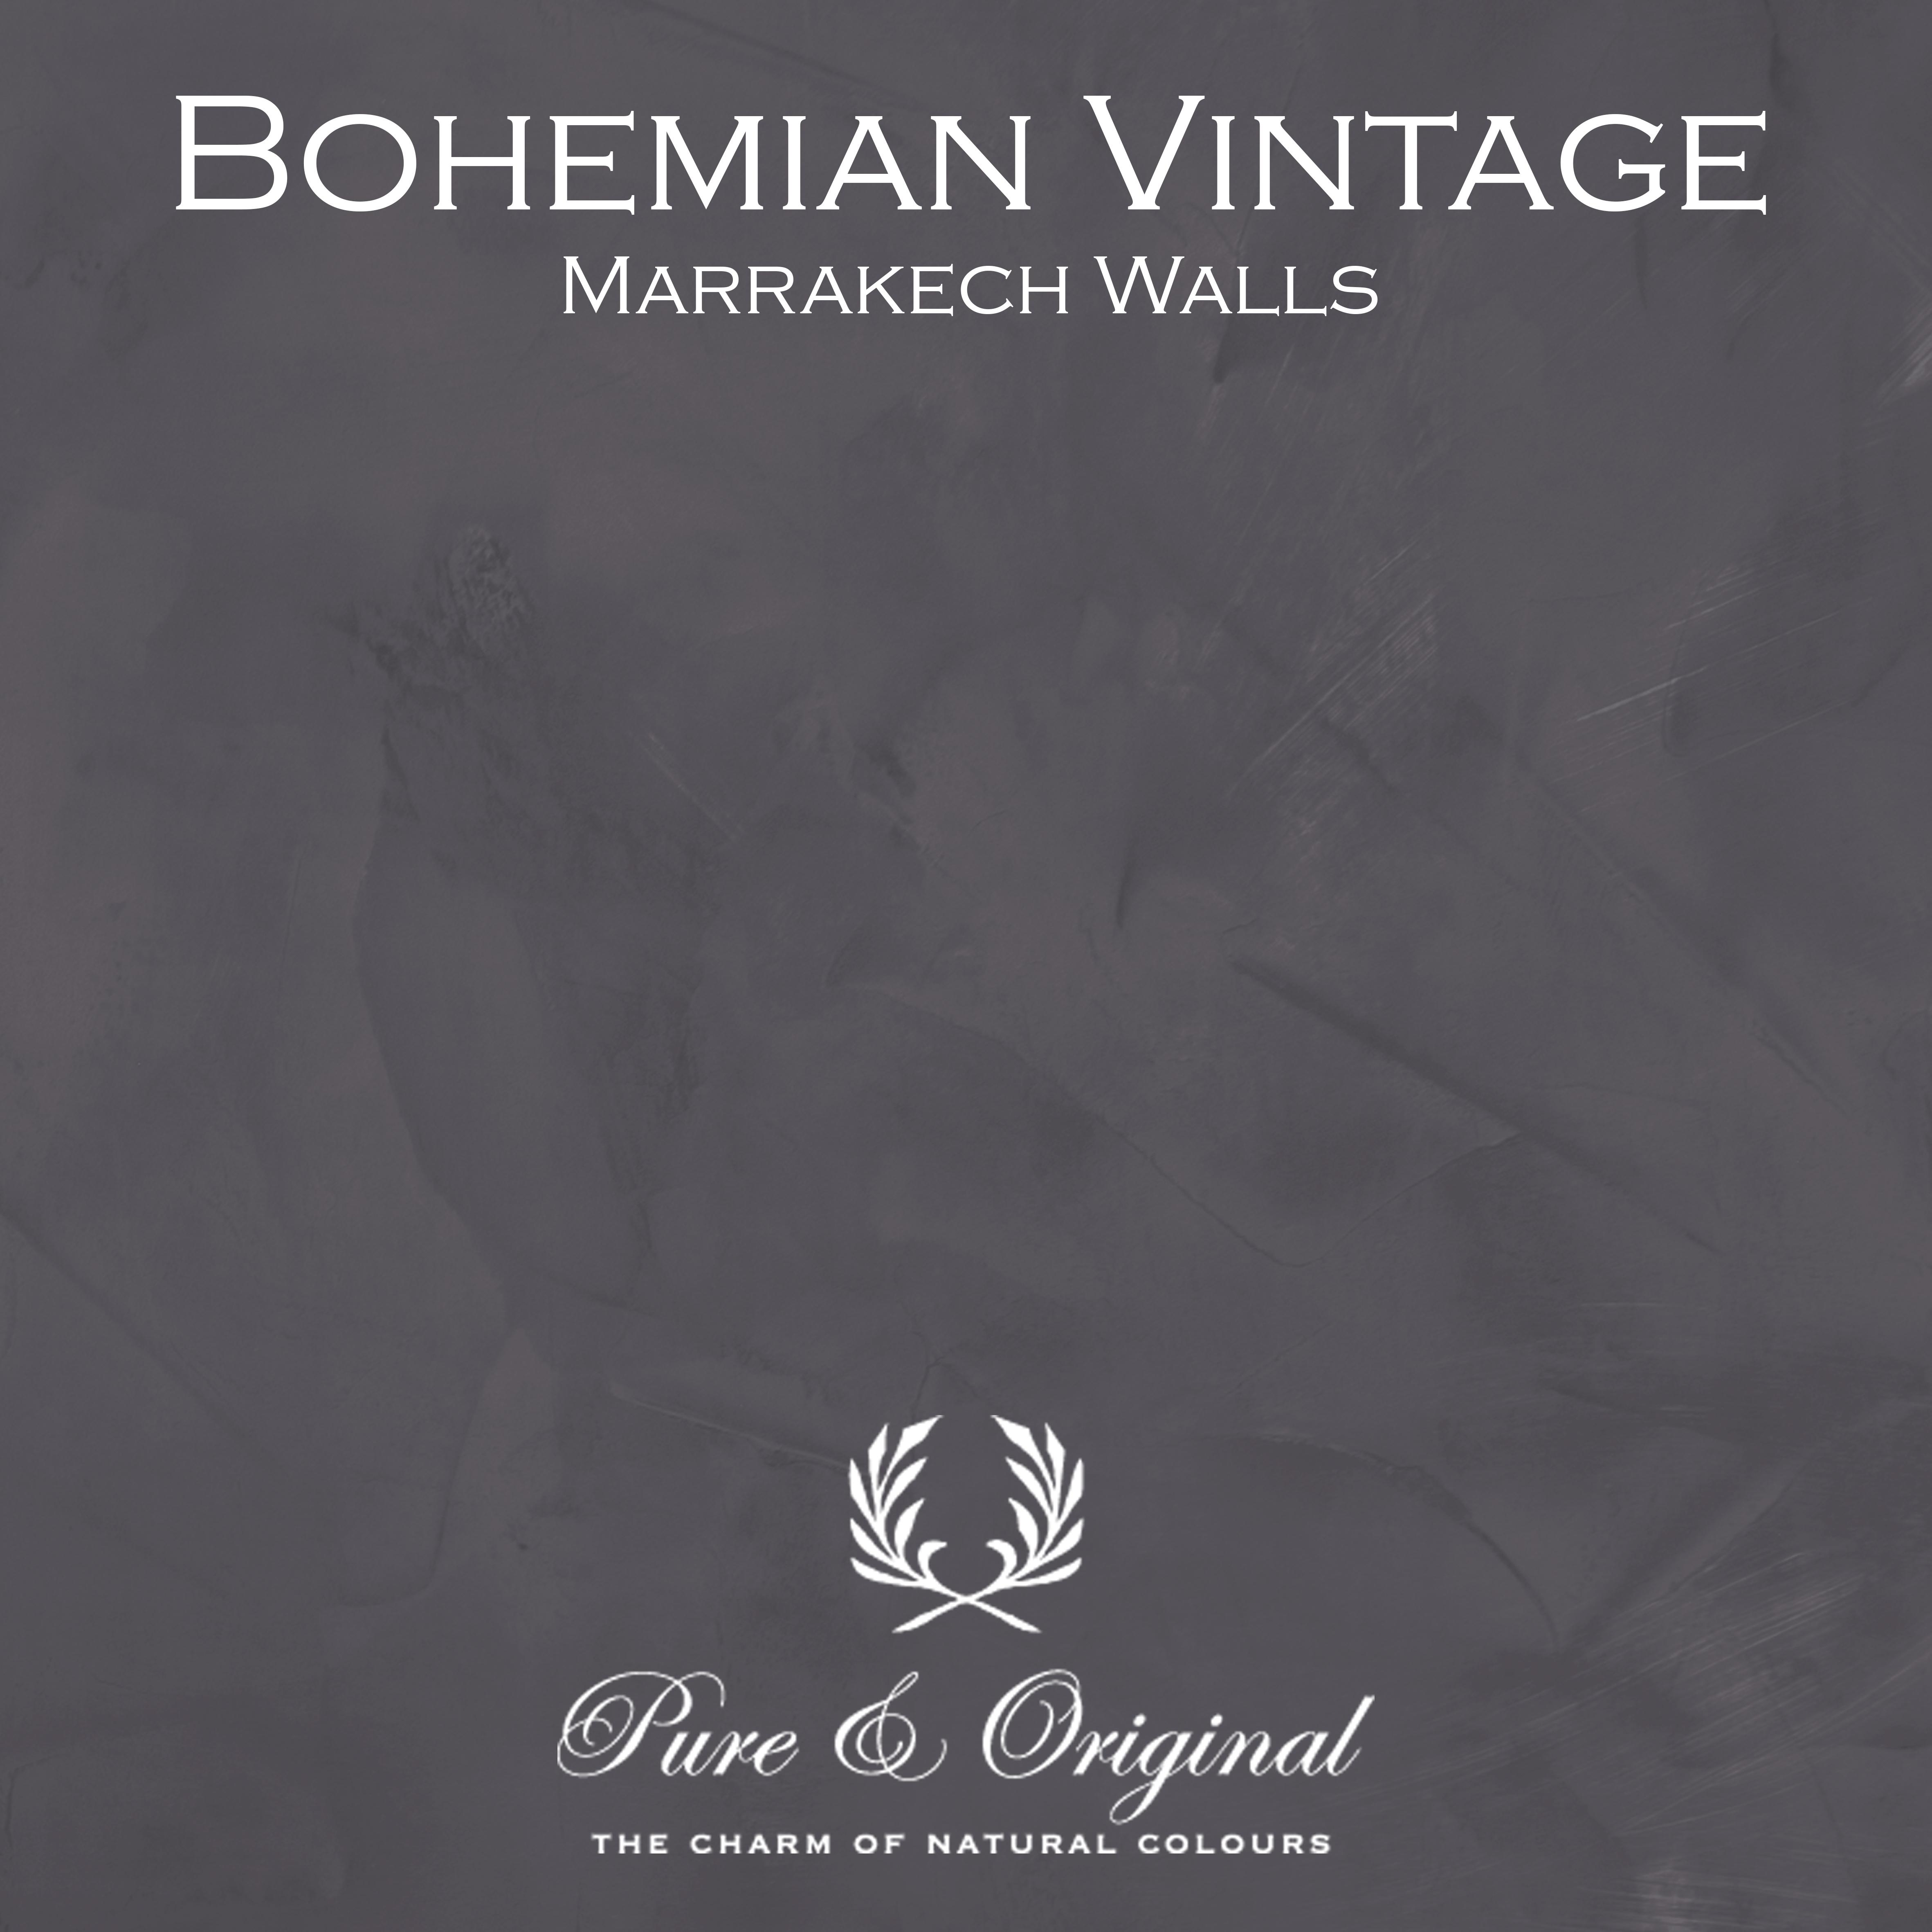 Kulör Bohemian Vintage, Marrakech Walls kalkfärg